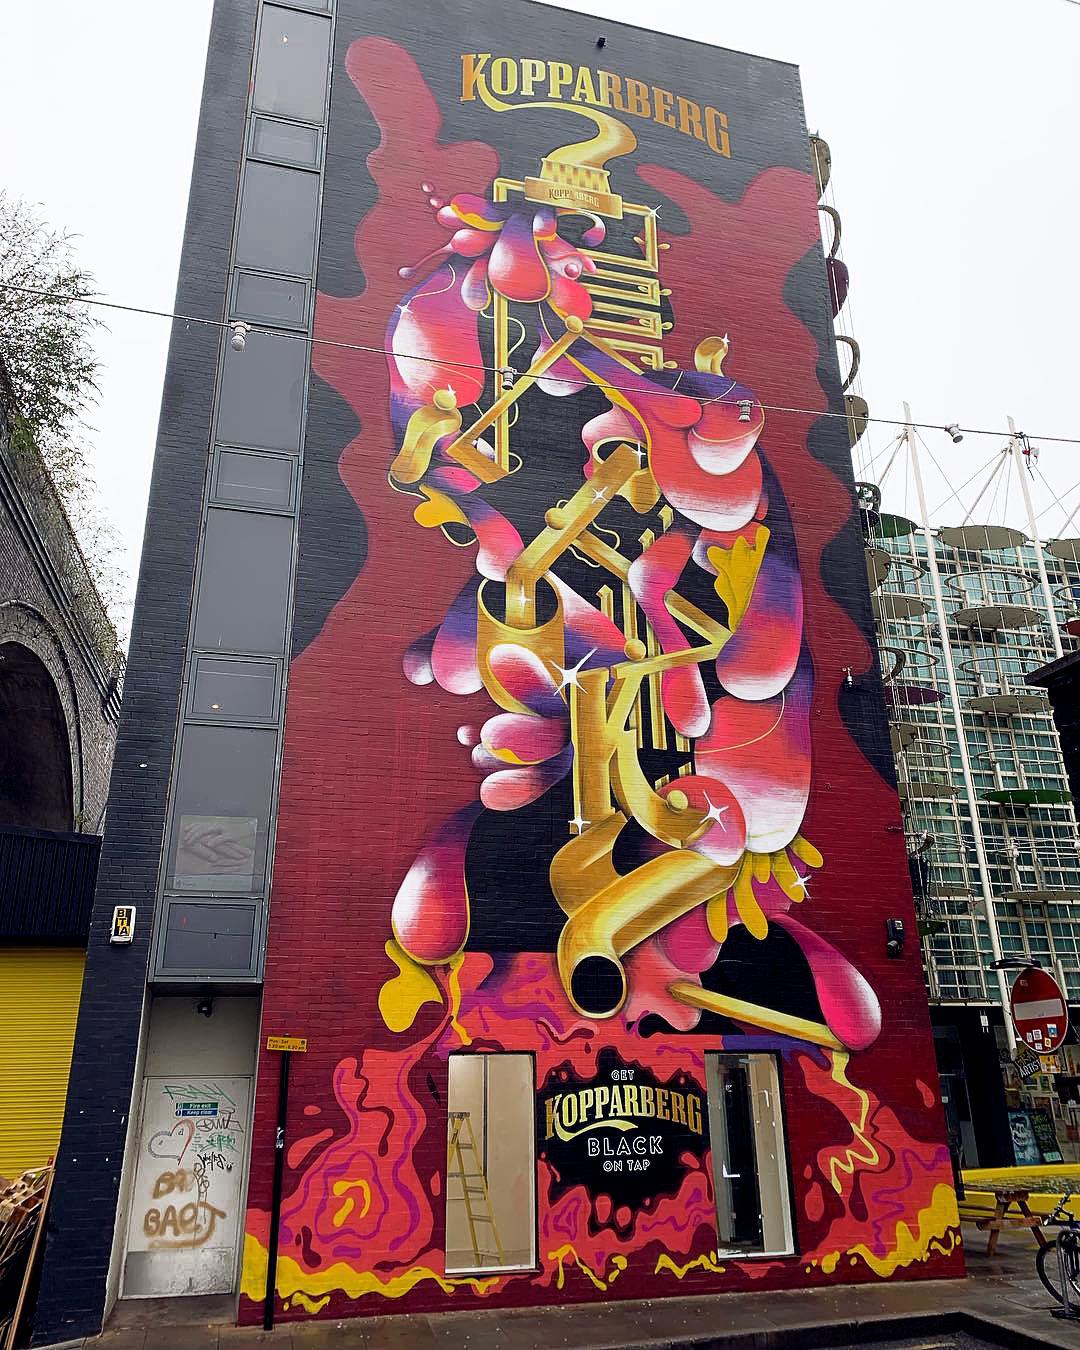 Kopparberg_mural_samuel_guillotel